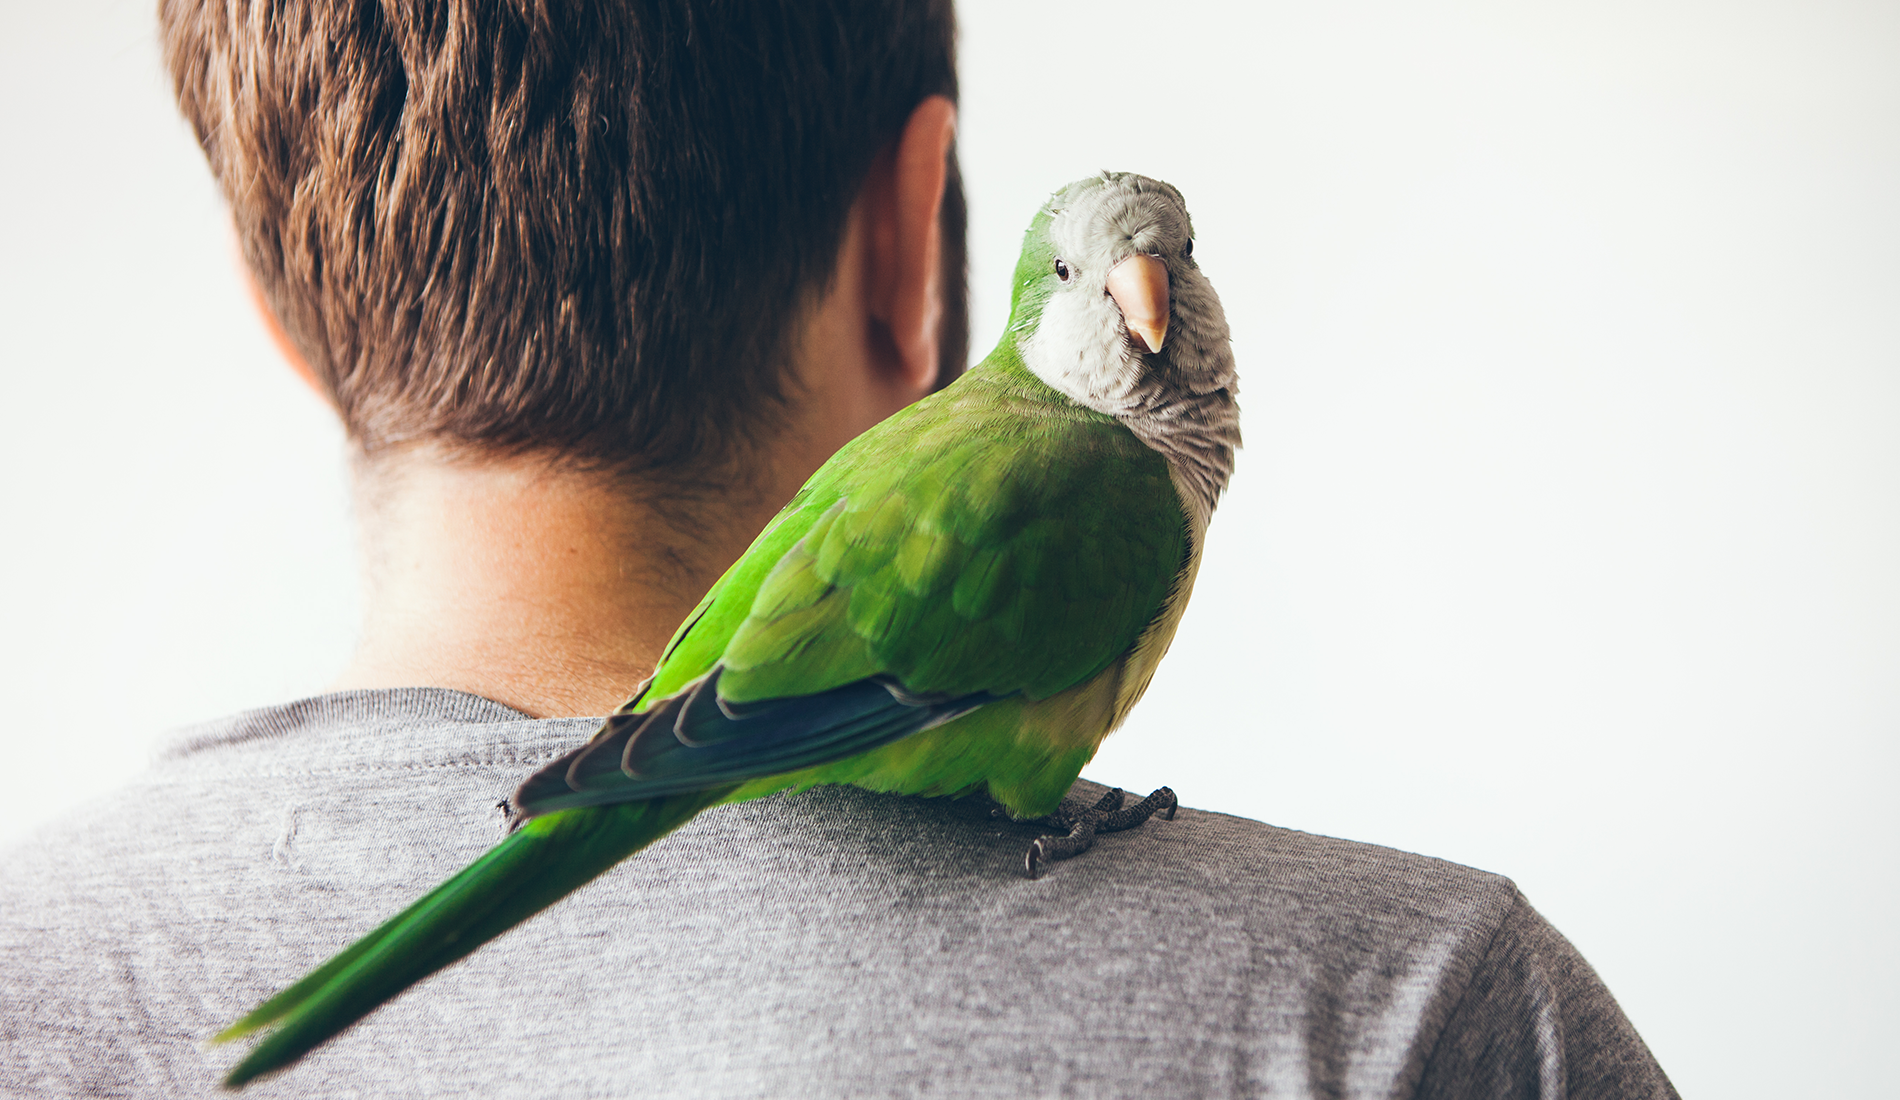 Saiba como escolher a ave mais apropriada para você